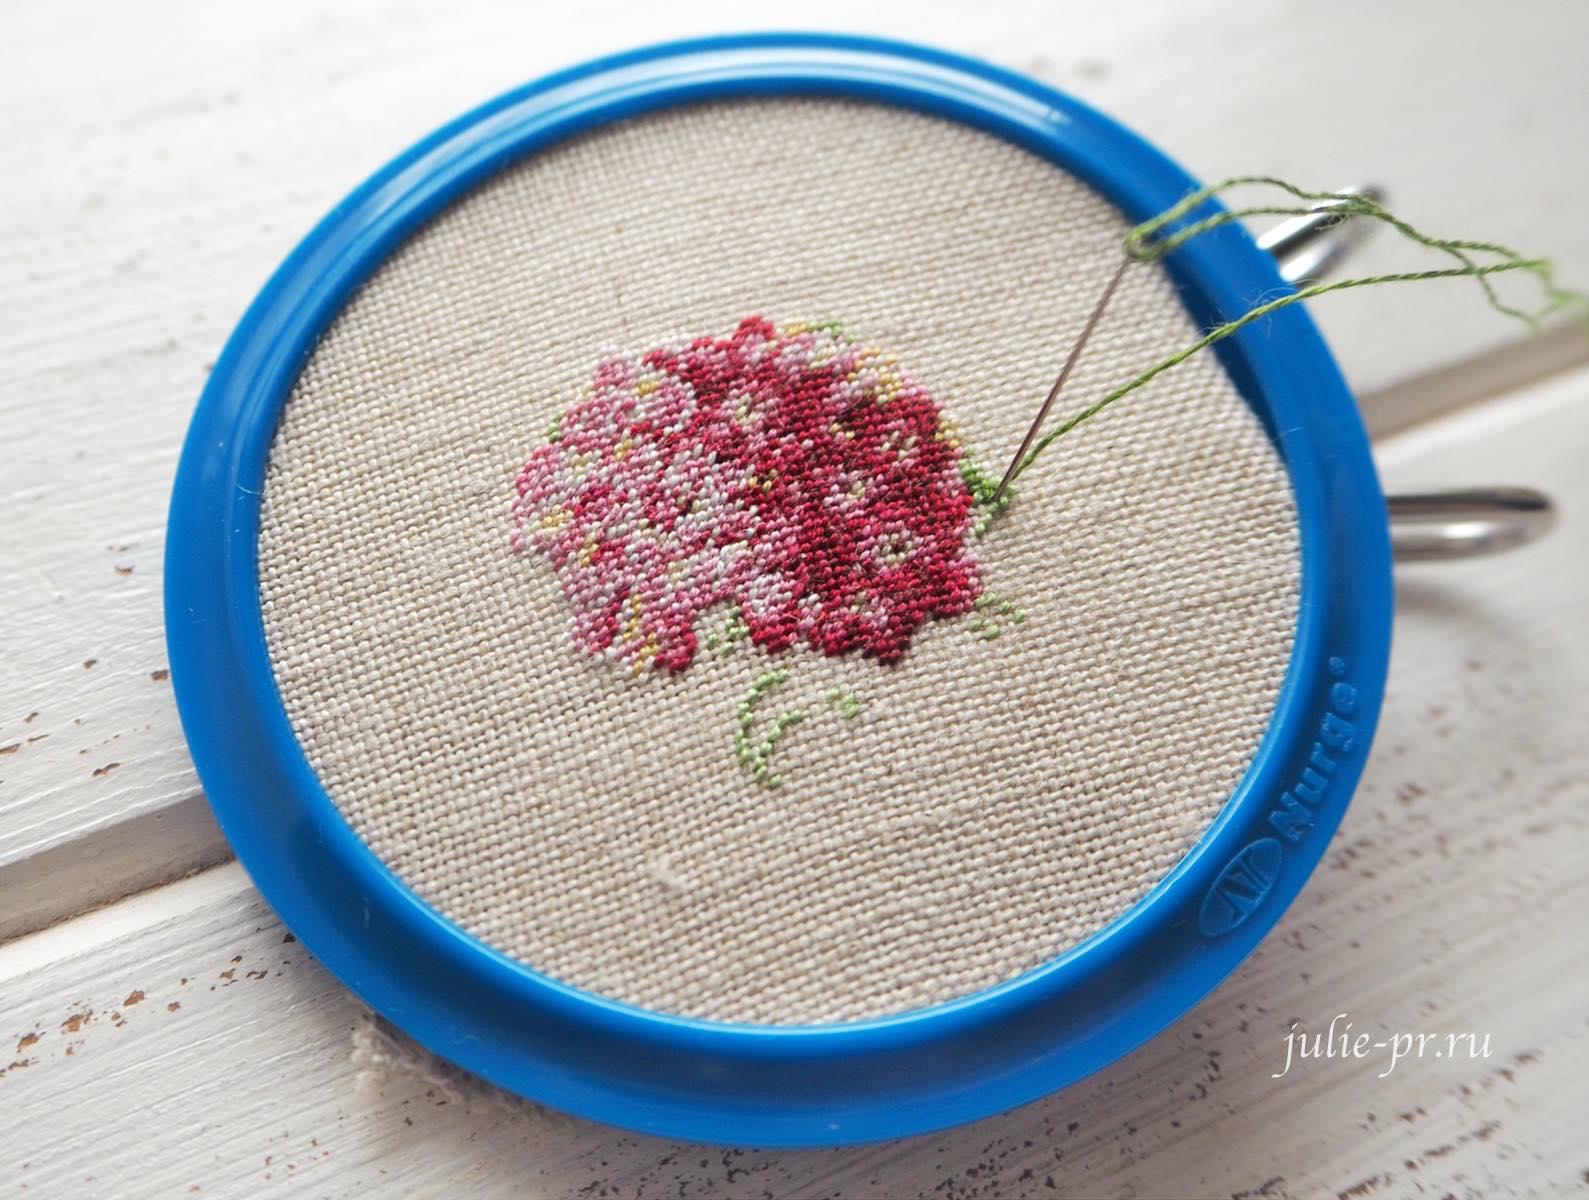 LB-Accessories, Life is beautiful, вышивка петитом, petit point, микровышивка, кулон с вышивкой, розовая гортензия, заломы пяльцы нюрге, nurge